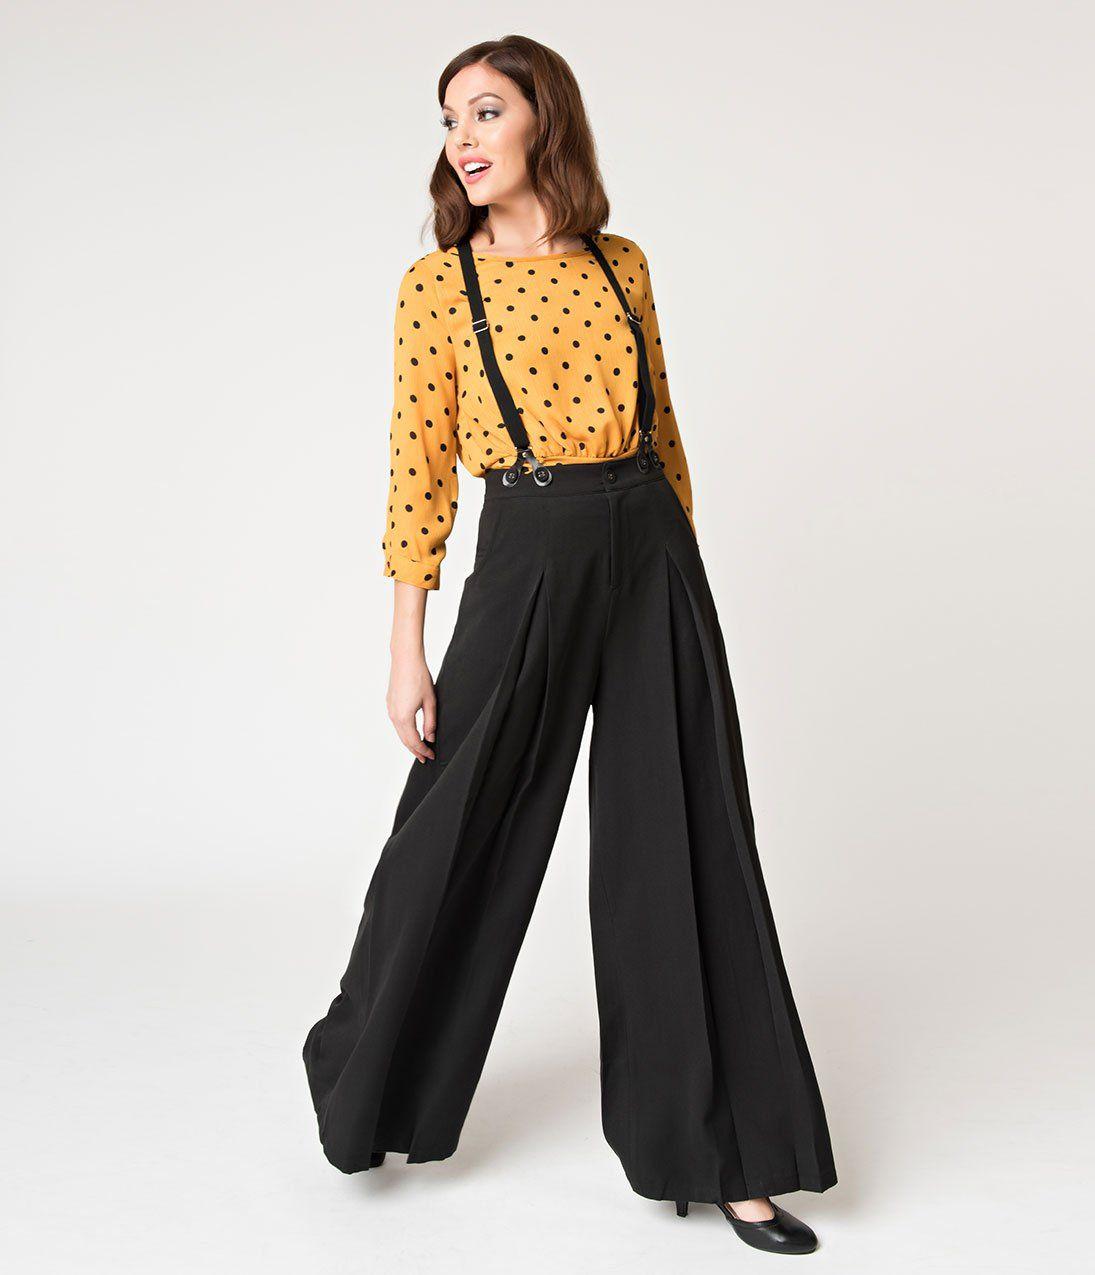 92fd564914d Voodoo Vixen Vintage Style Black Wide Leg Shelley Suspender Pants – Unique  Vintage